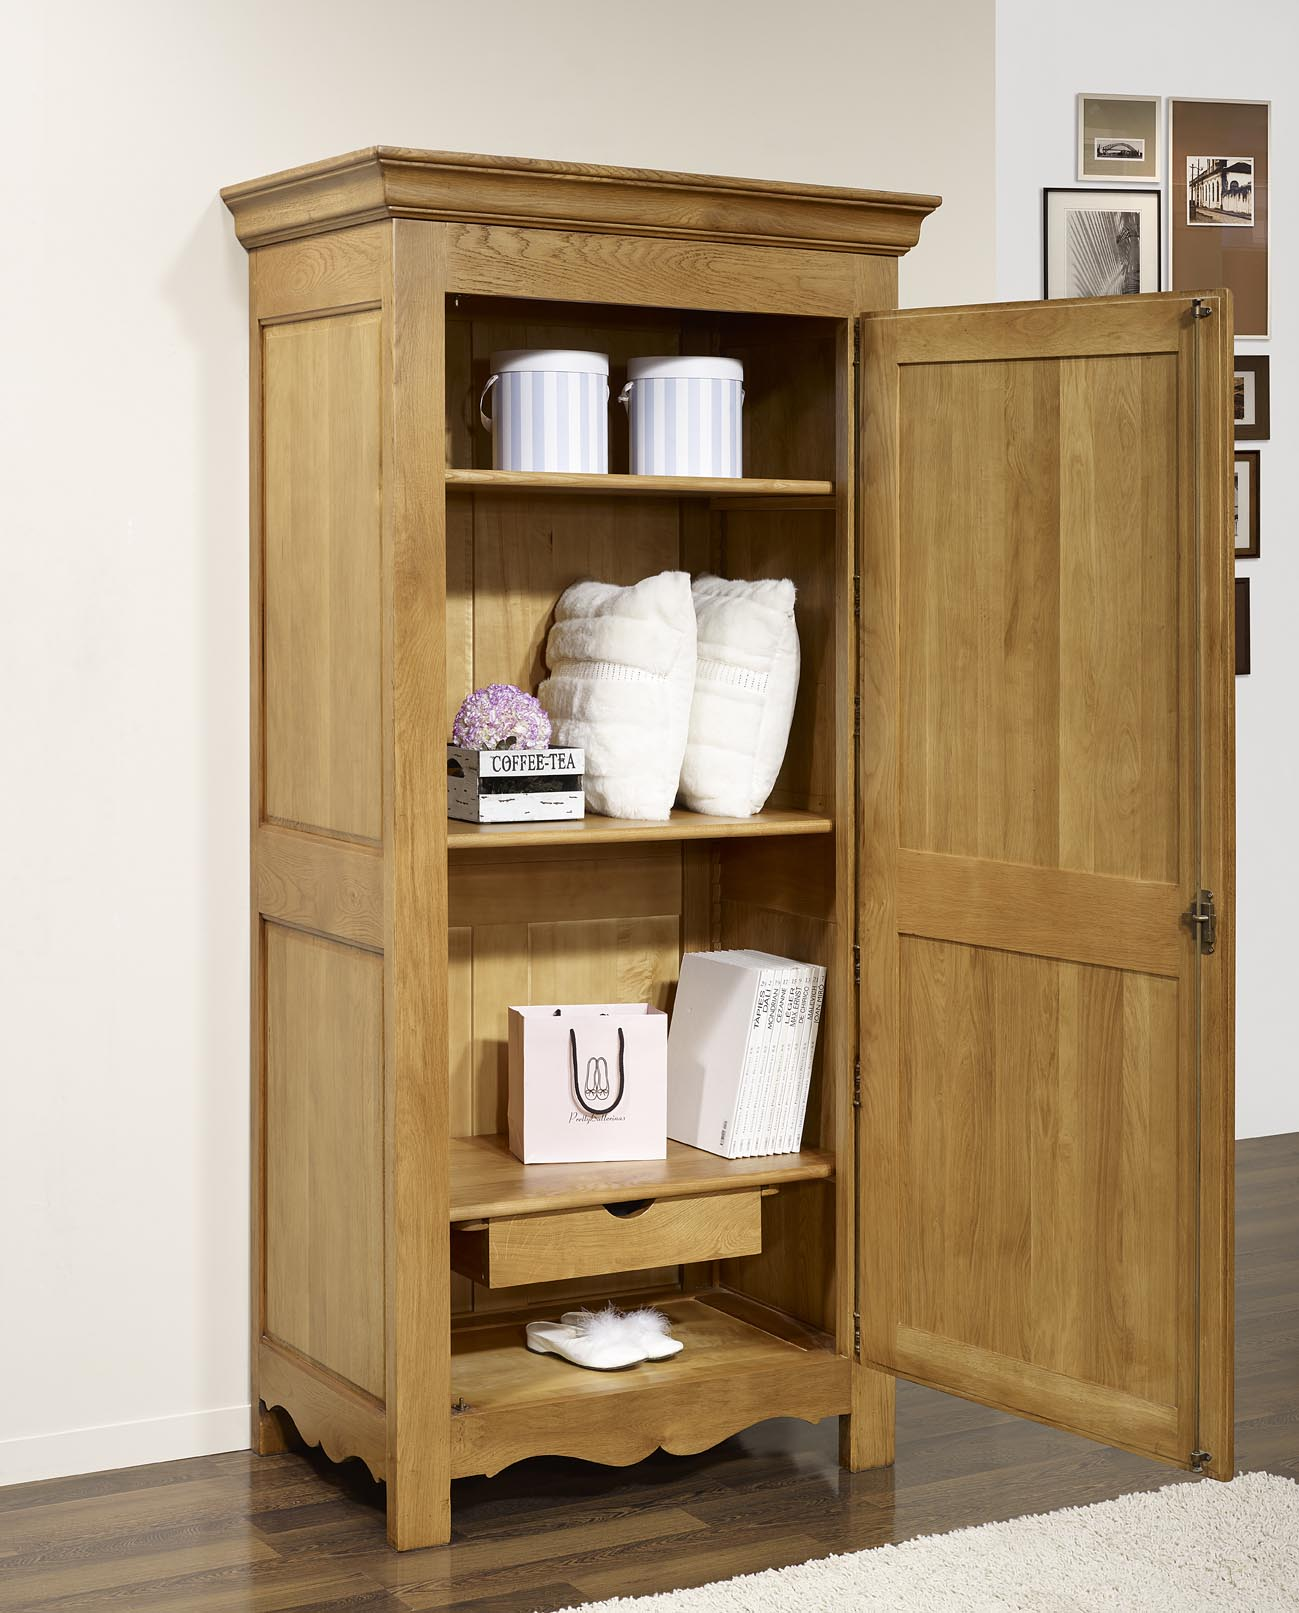 bonnetiere 1 porte marc en ch ne massif de style campagnard seulement 1 disponible meuble en. Black Bedroom Furniture Sets. Home Design Ideas